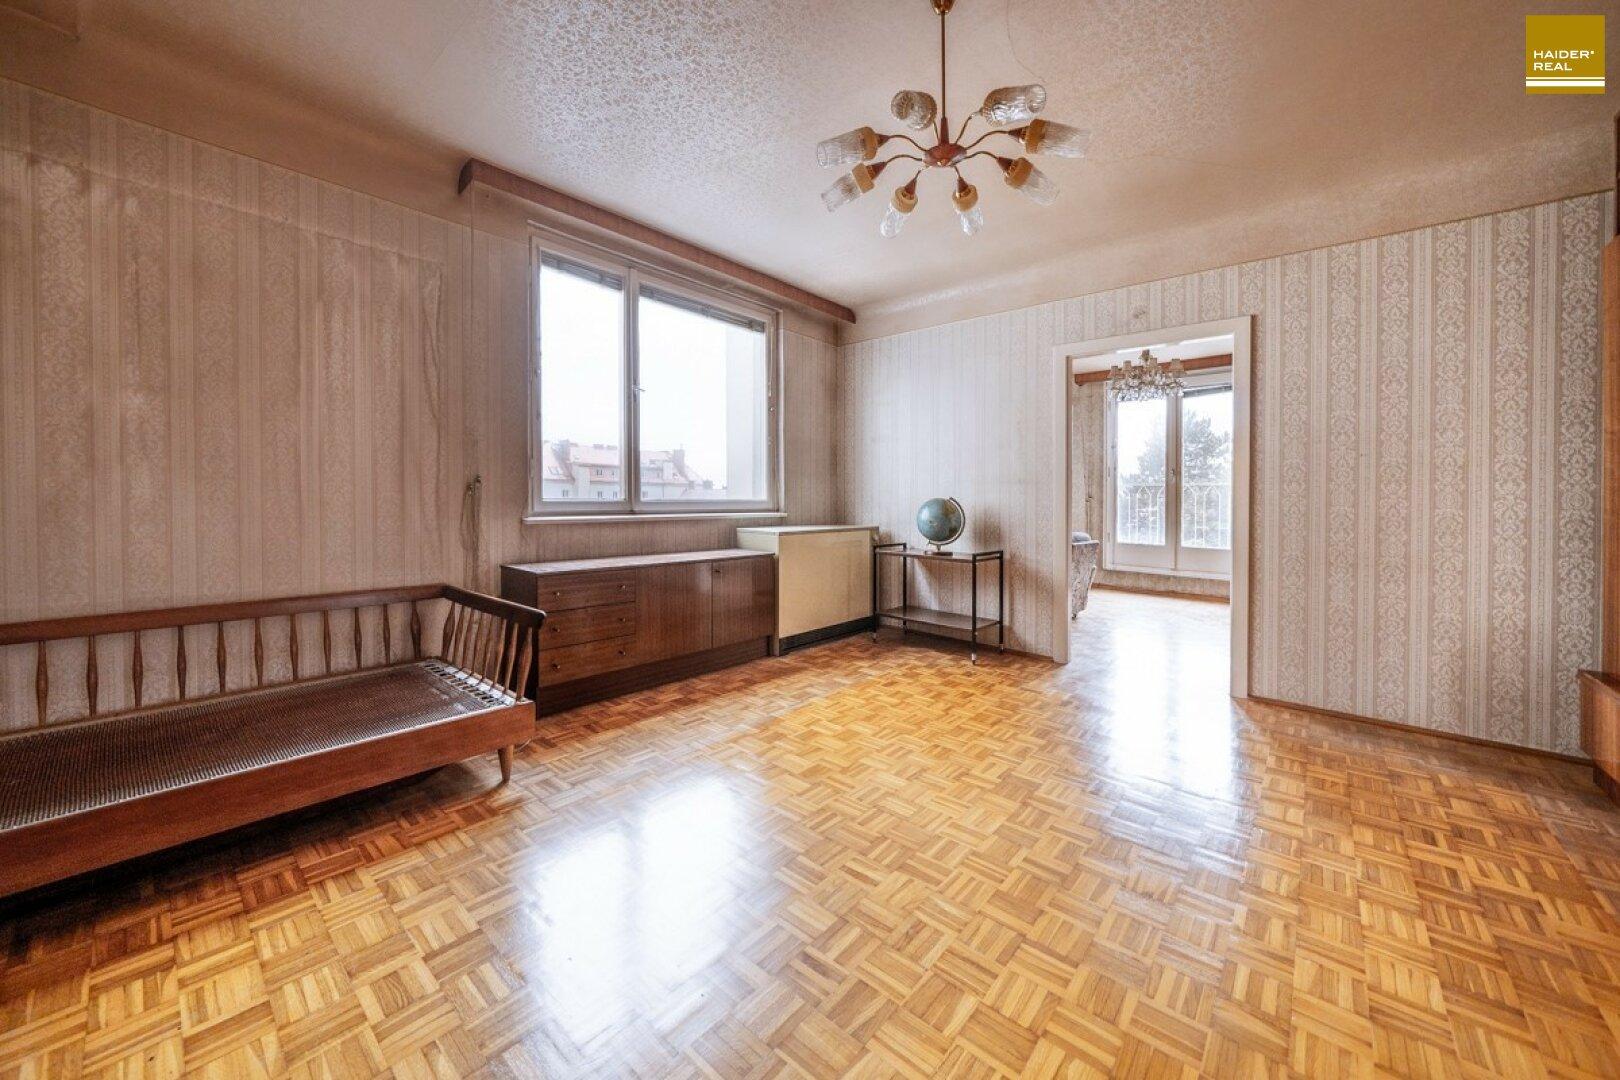 Zimmer 1 mit 22,5 m²